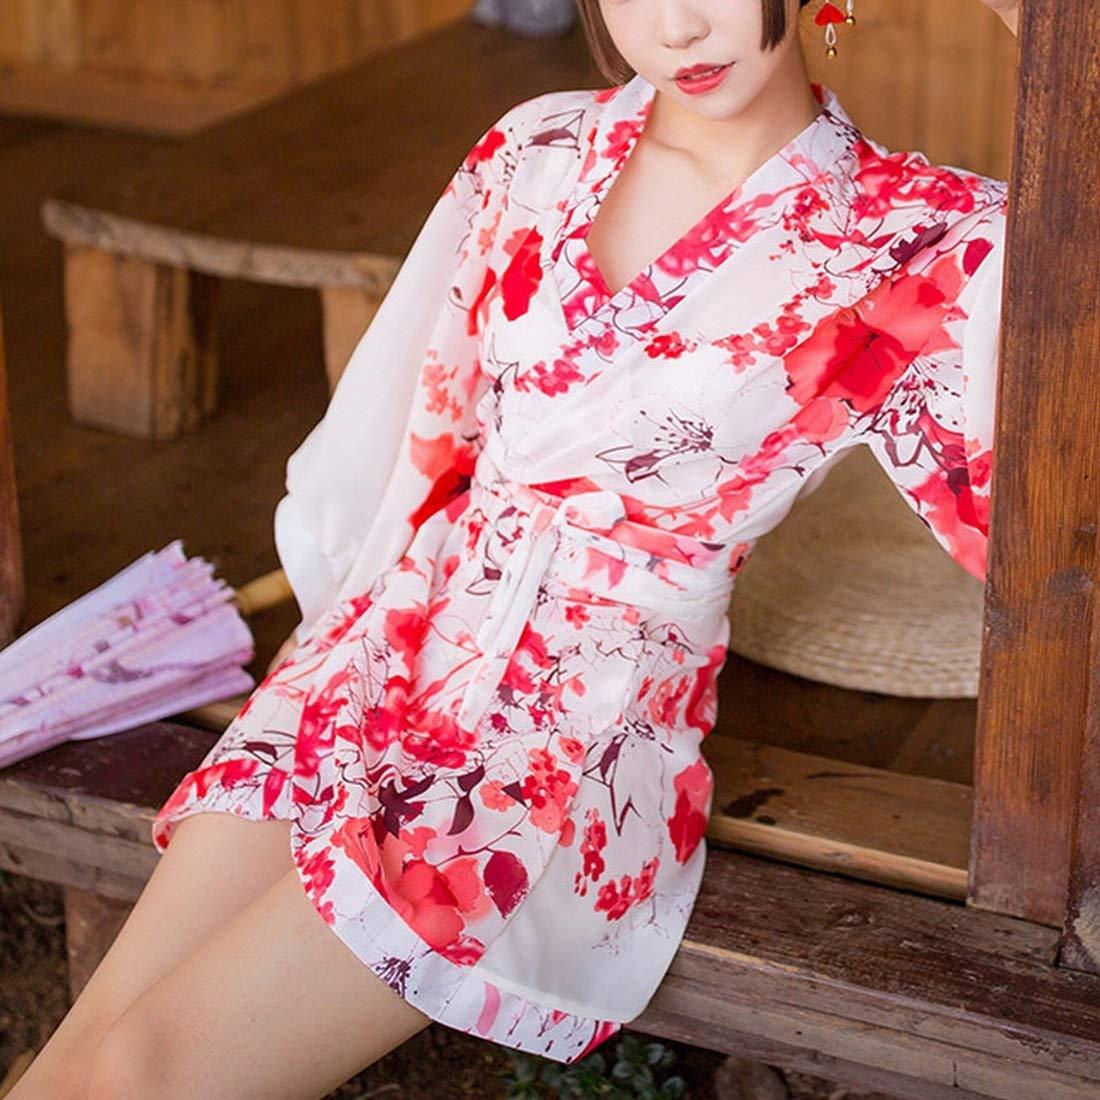 ropa interior de japón atrevida